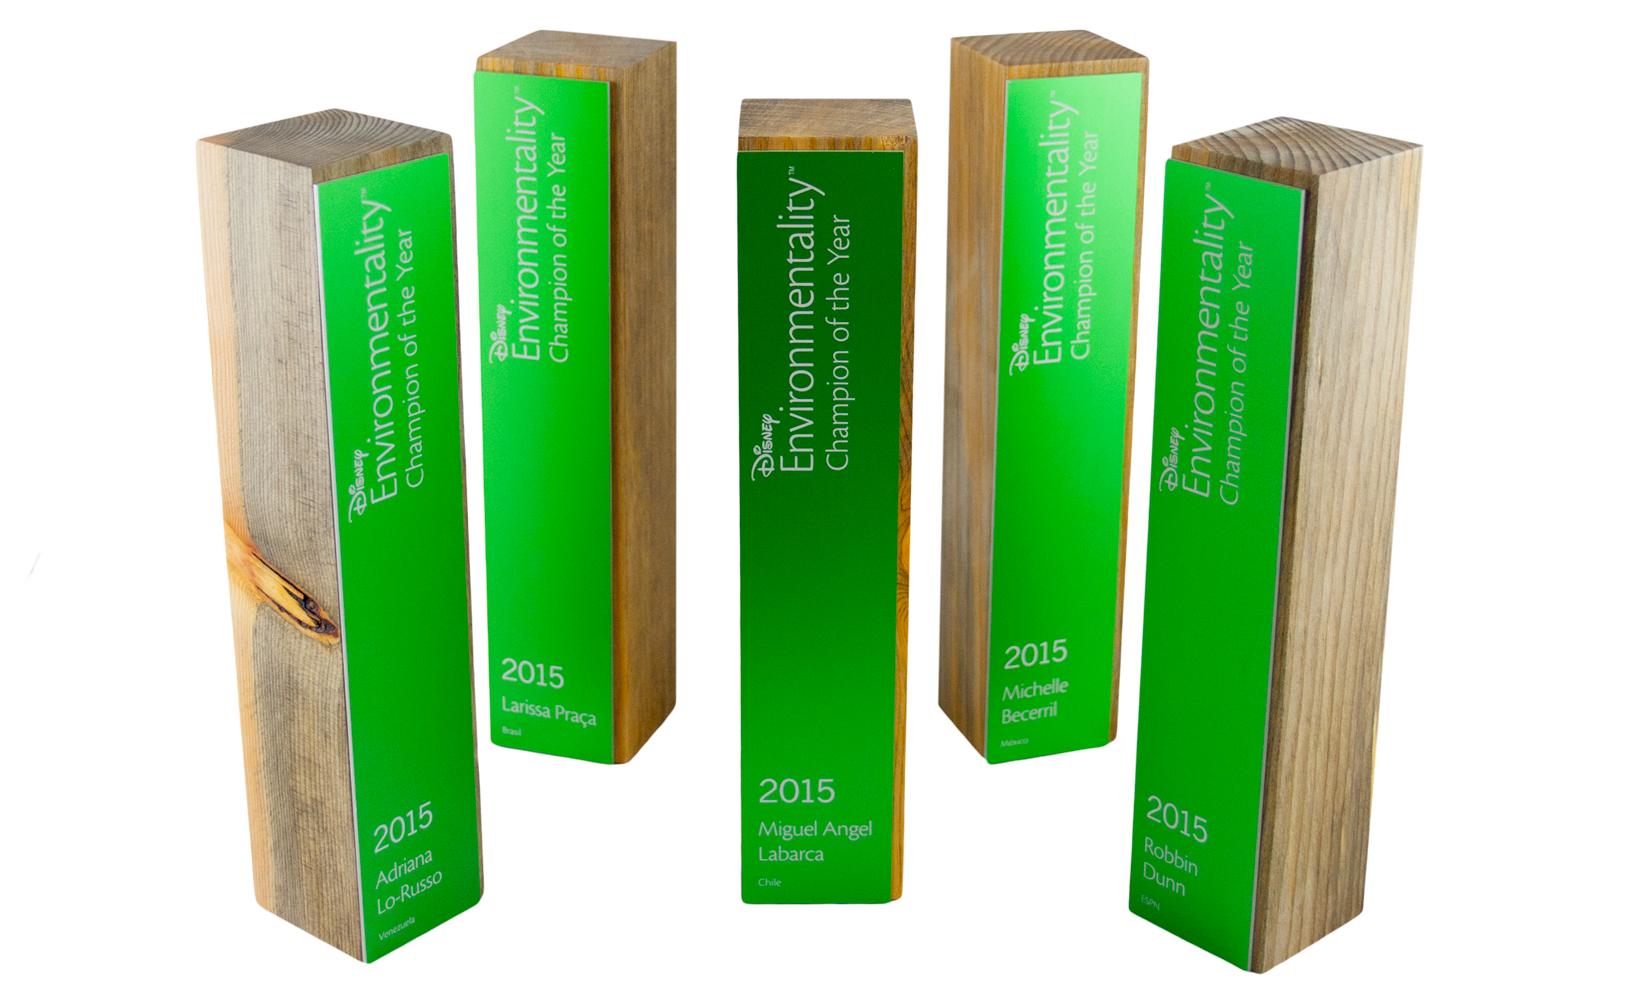 disney awards beetlewood beetle wood denim pine.jpg